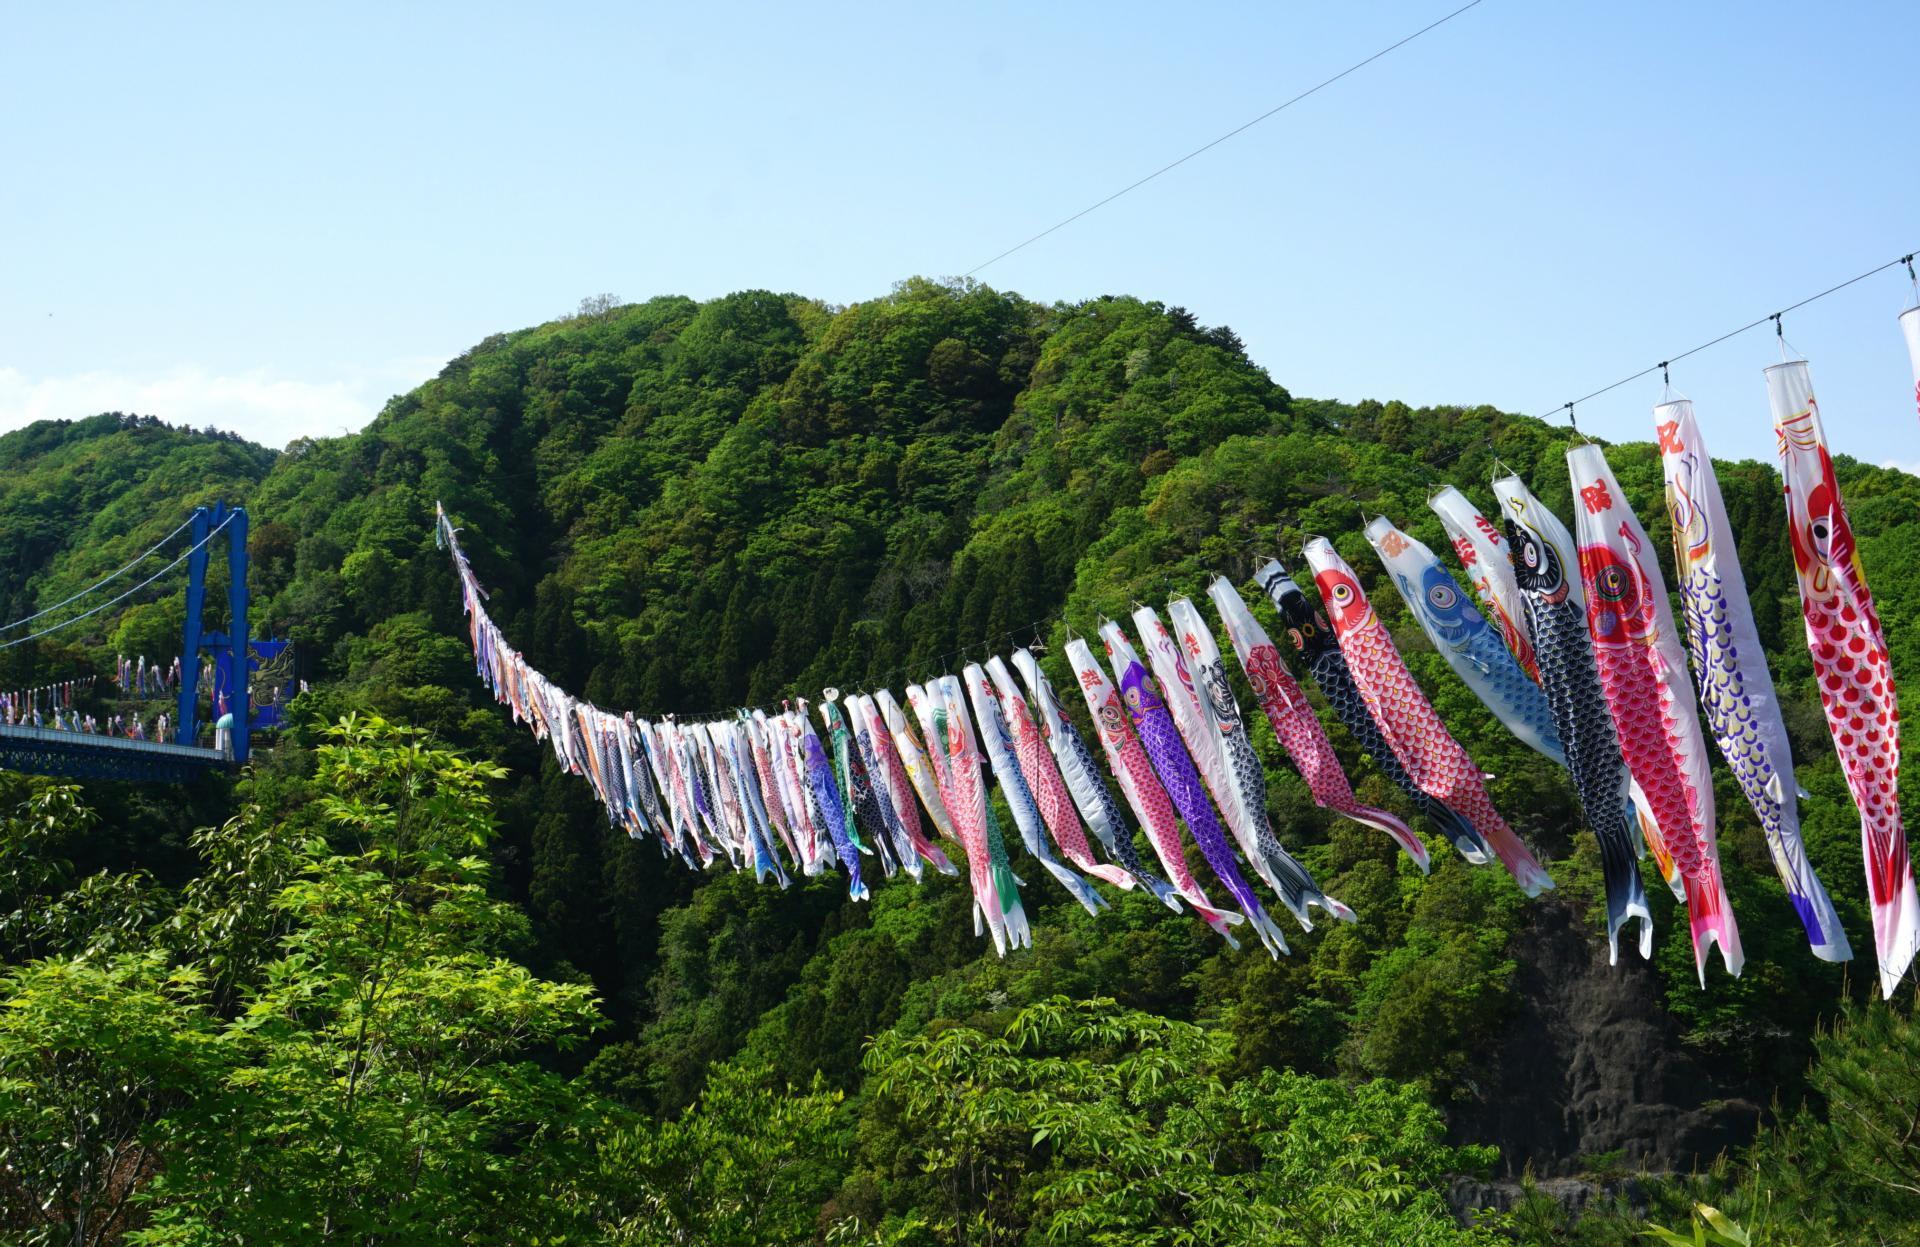 初夏です 鯉のぼりです ~竜神峡・竜神大吊橋~ - ヒマヒマノキ~心と言葉をとどけます~